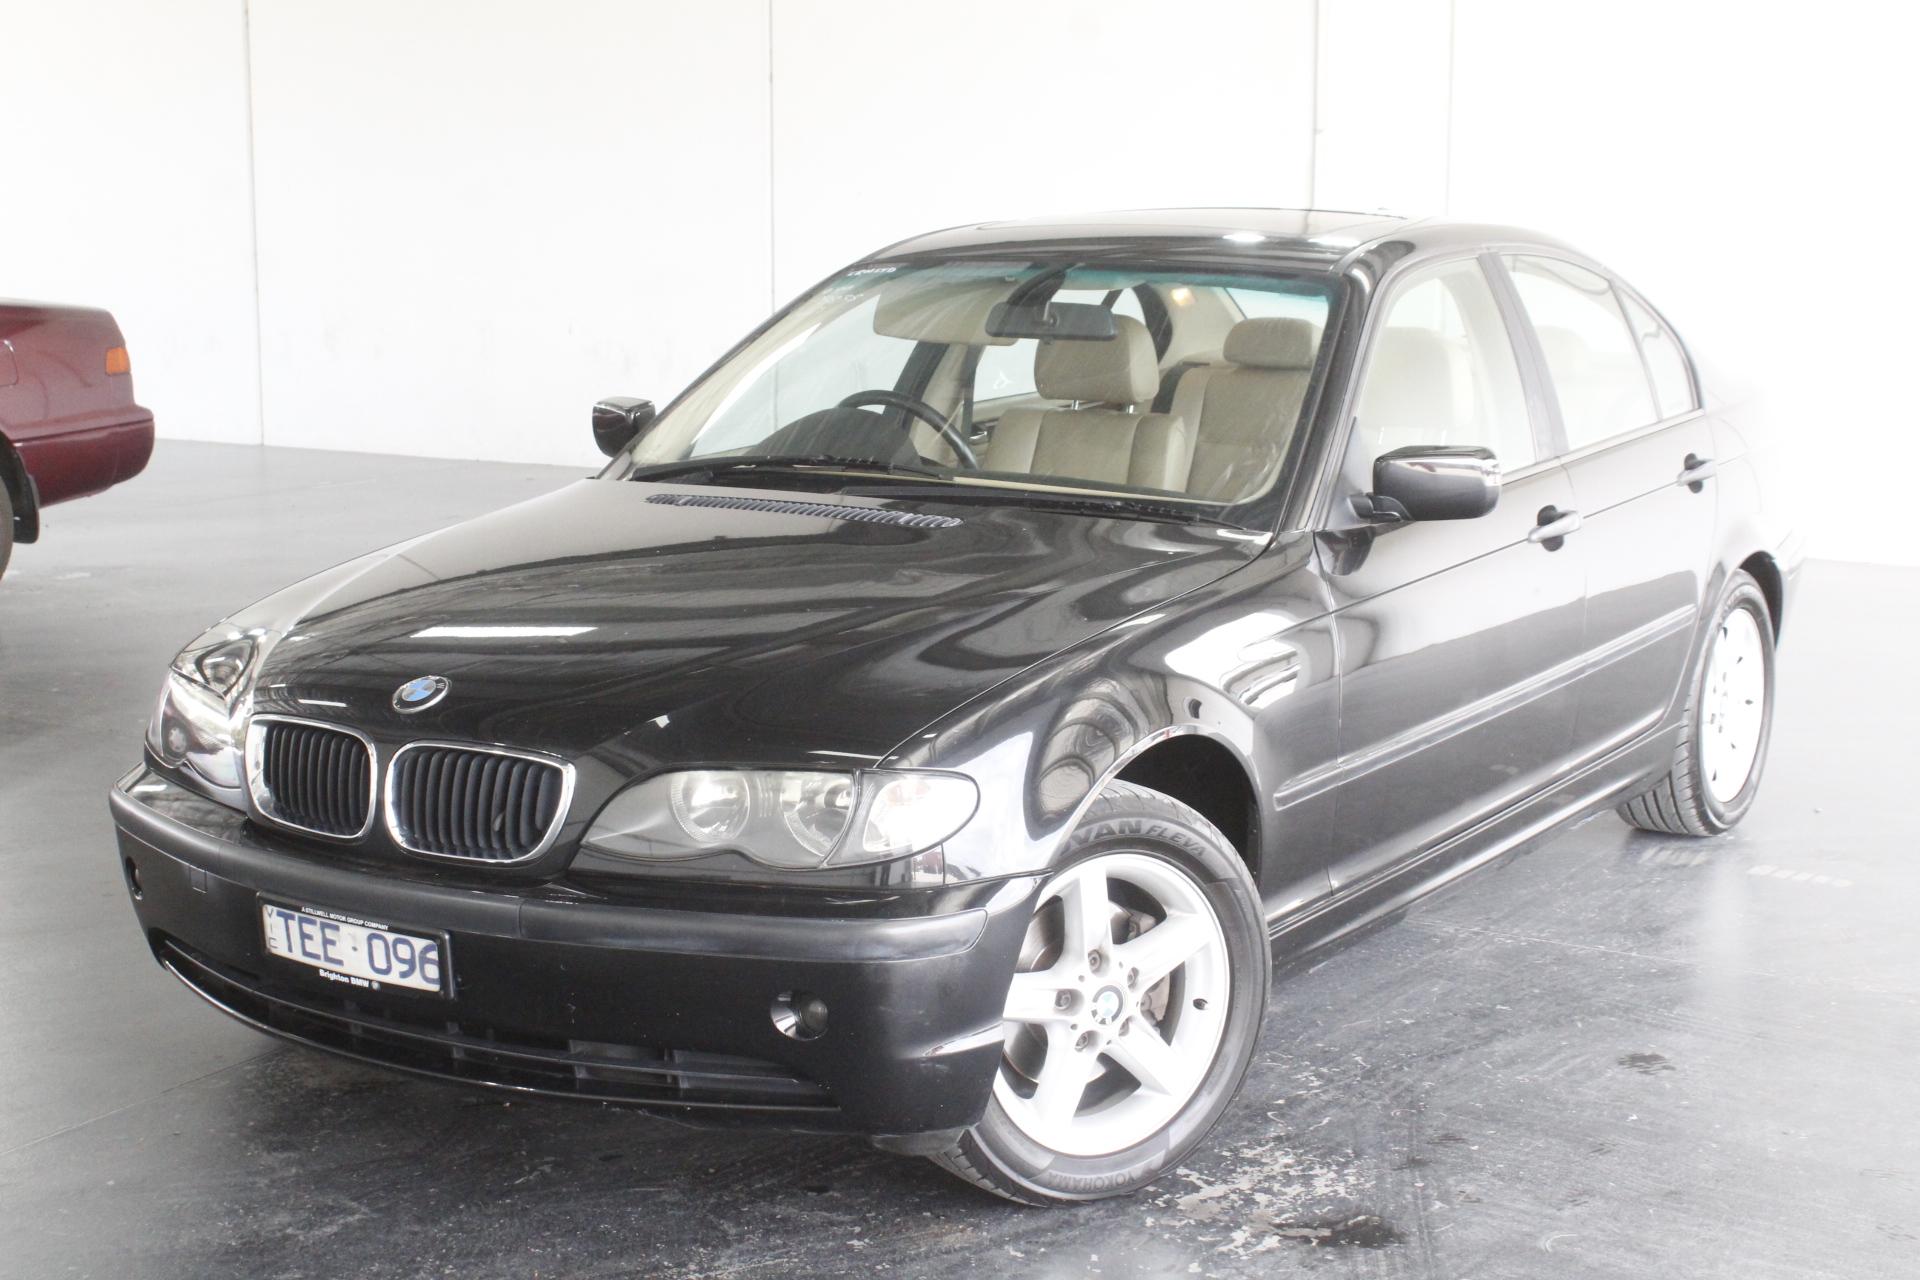 2004 BMW 3 18i E46 Automatic Sedan